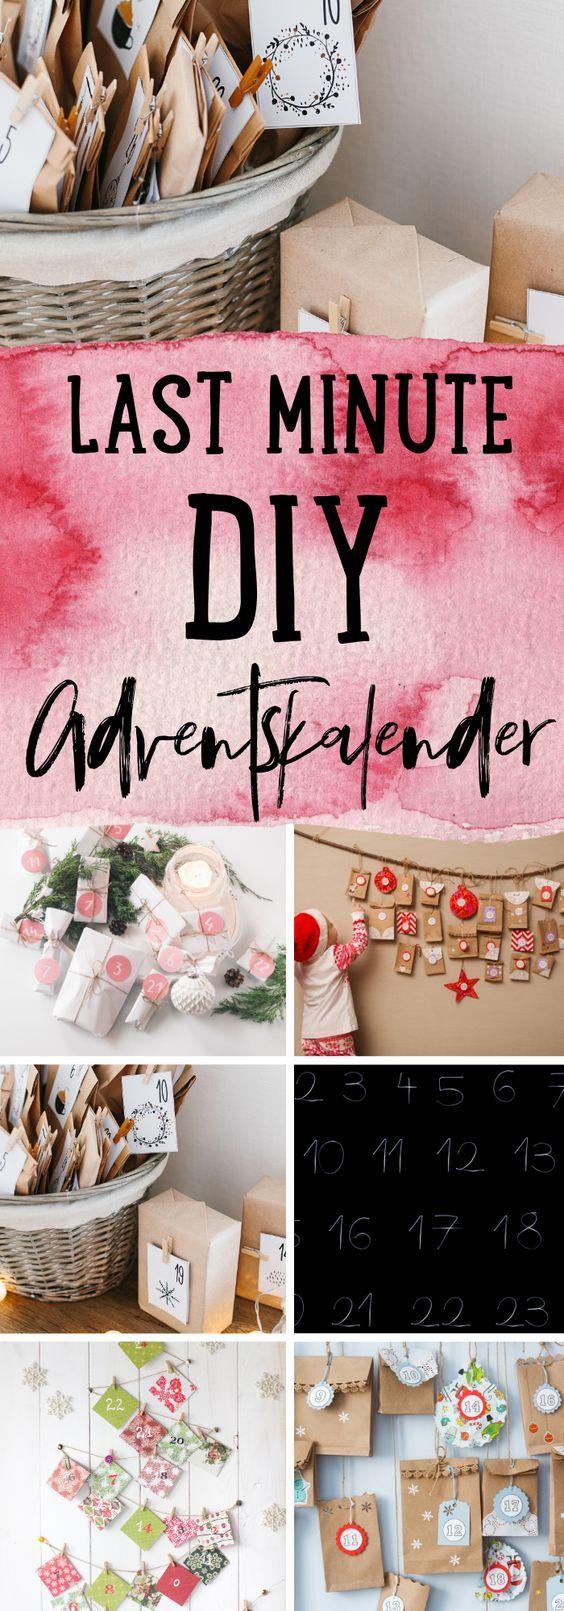 affiliatelink Werbung Last Minute DIY Adventskalender